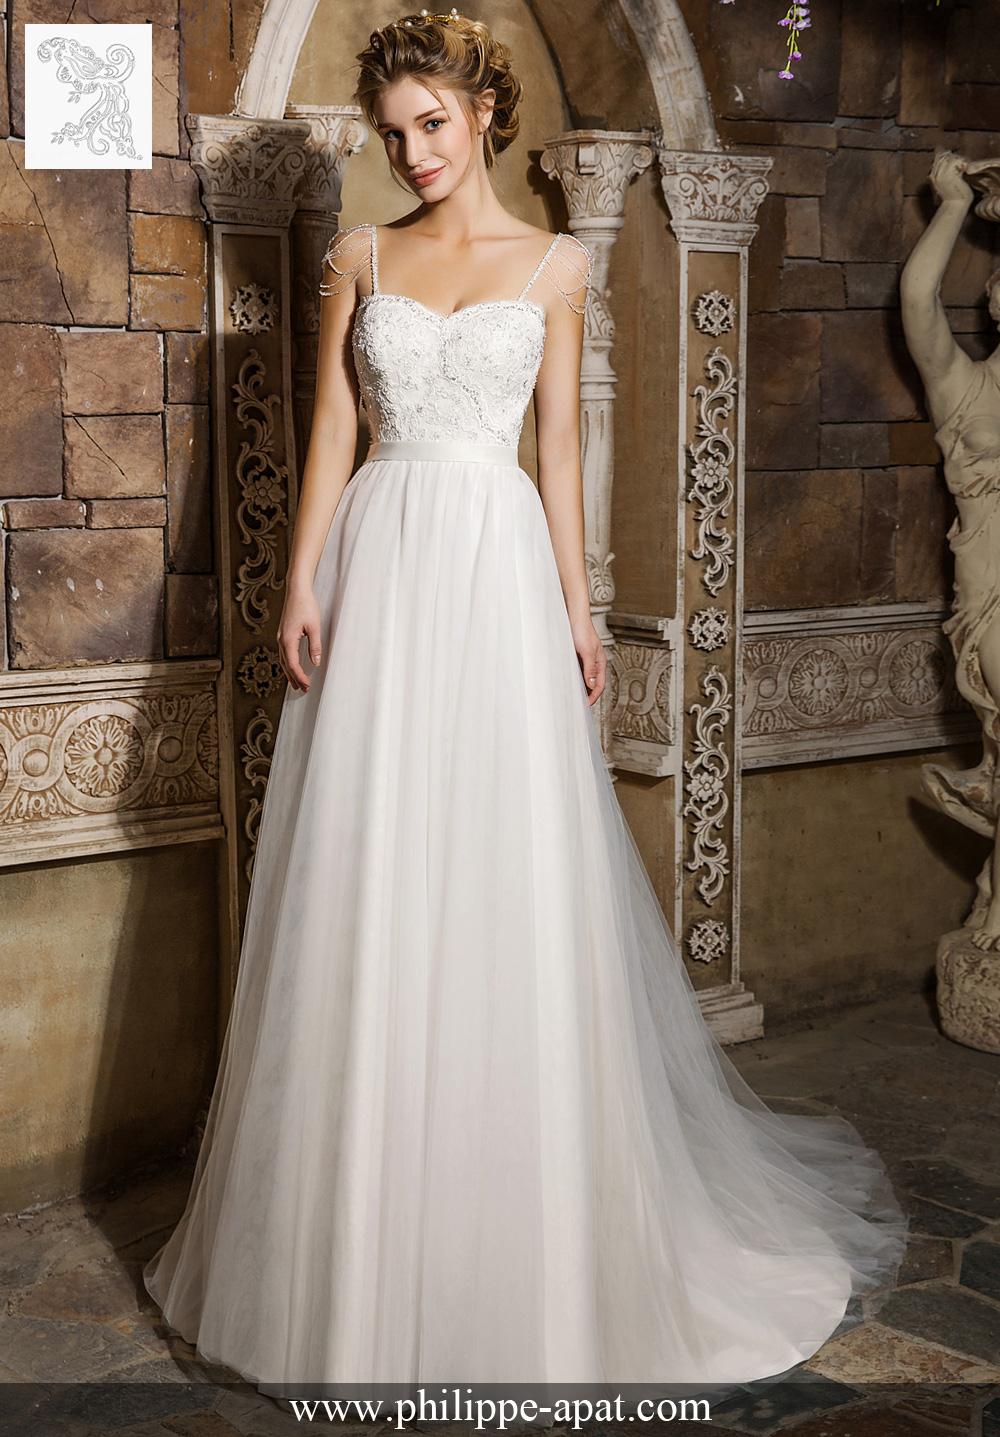 robe de mariée cyn 2017 robe de mariée à épaulettes sur fines ...